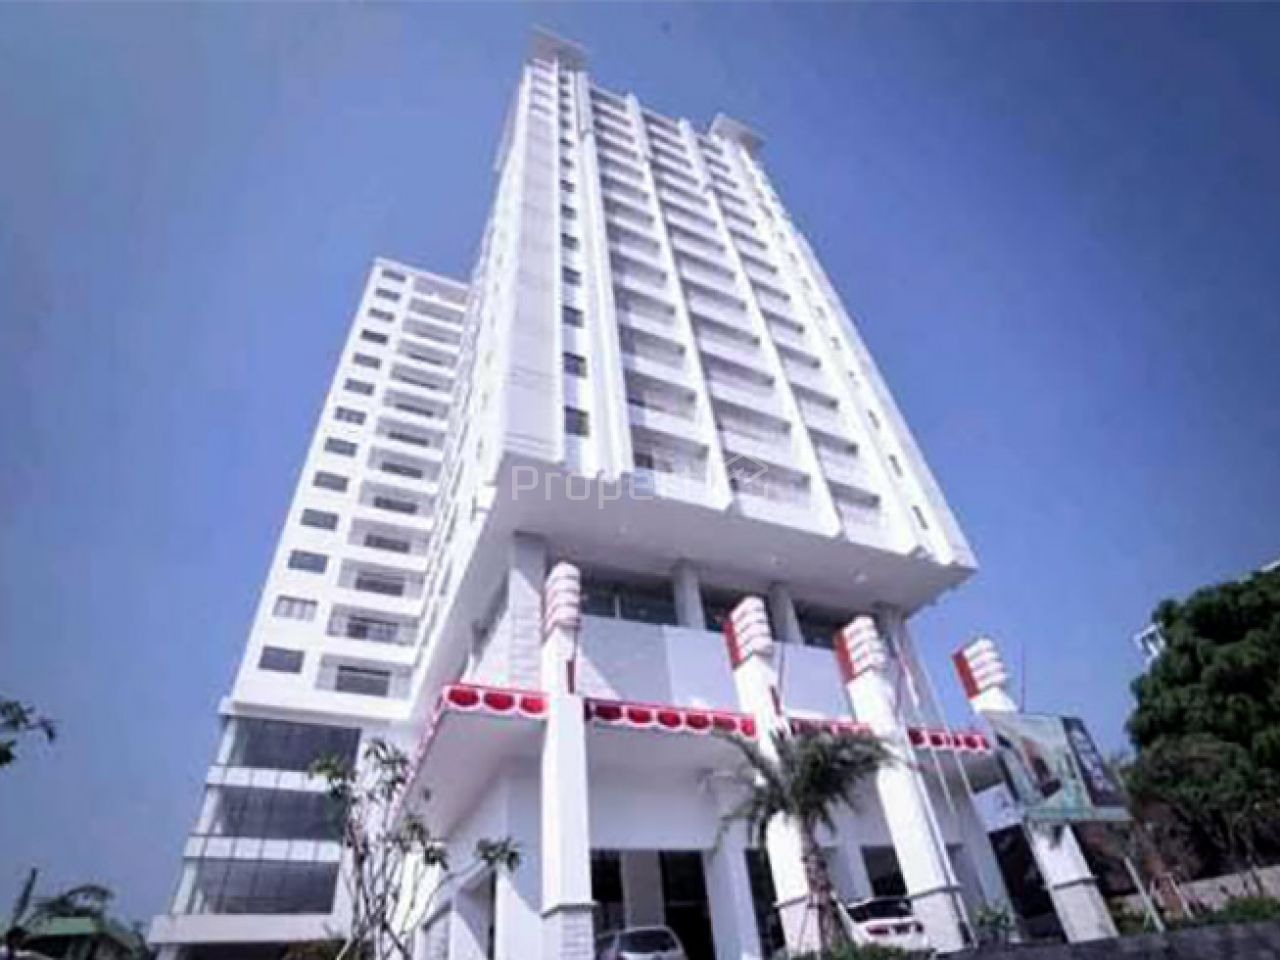 Studio Apartment Unit at Tamansari Tera Residence, 17th Floor, Sumur bandung